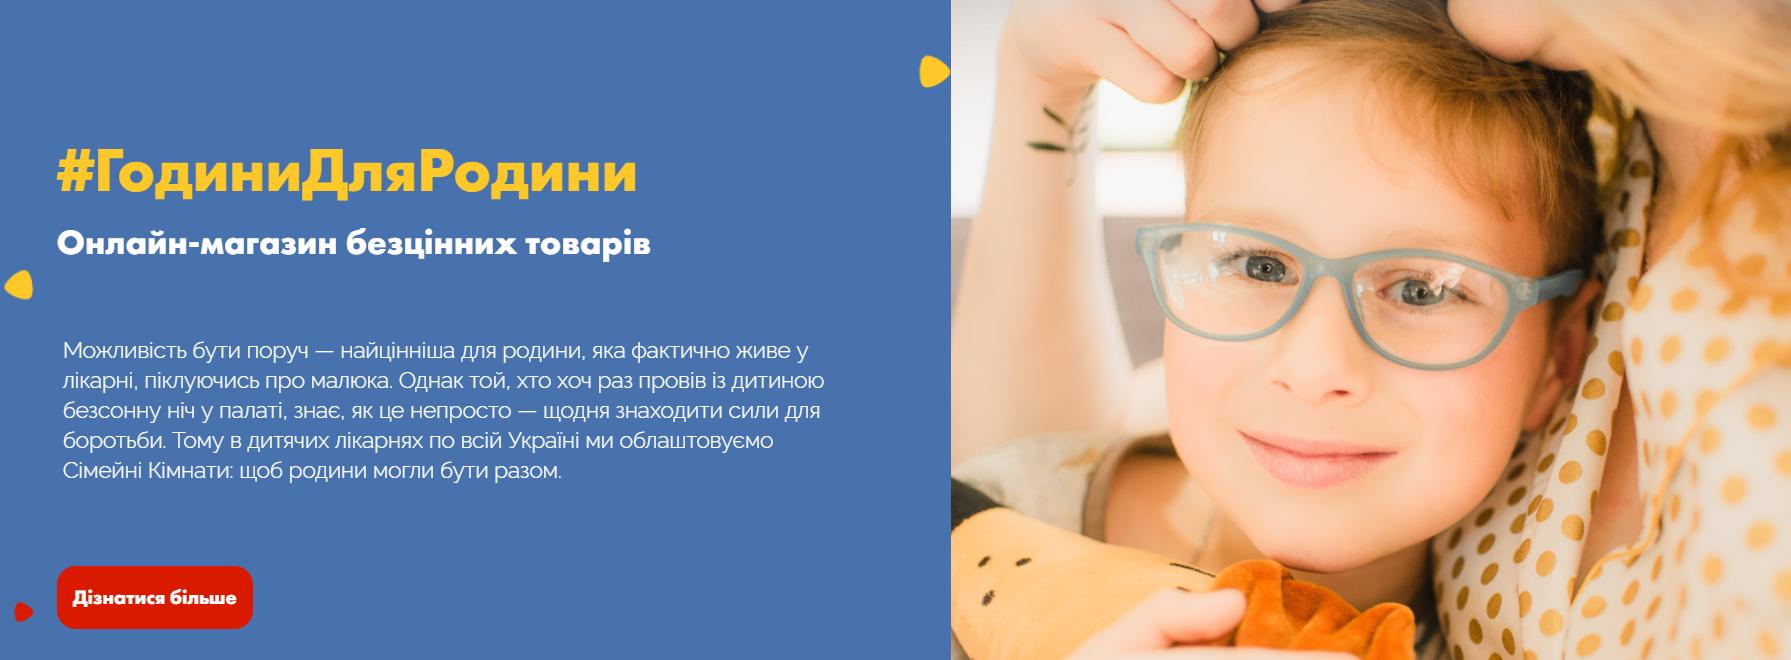 #ГодиниДляРодини: В Україні створили благодійний онлайн-магазин